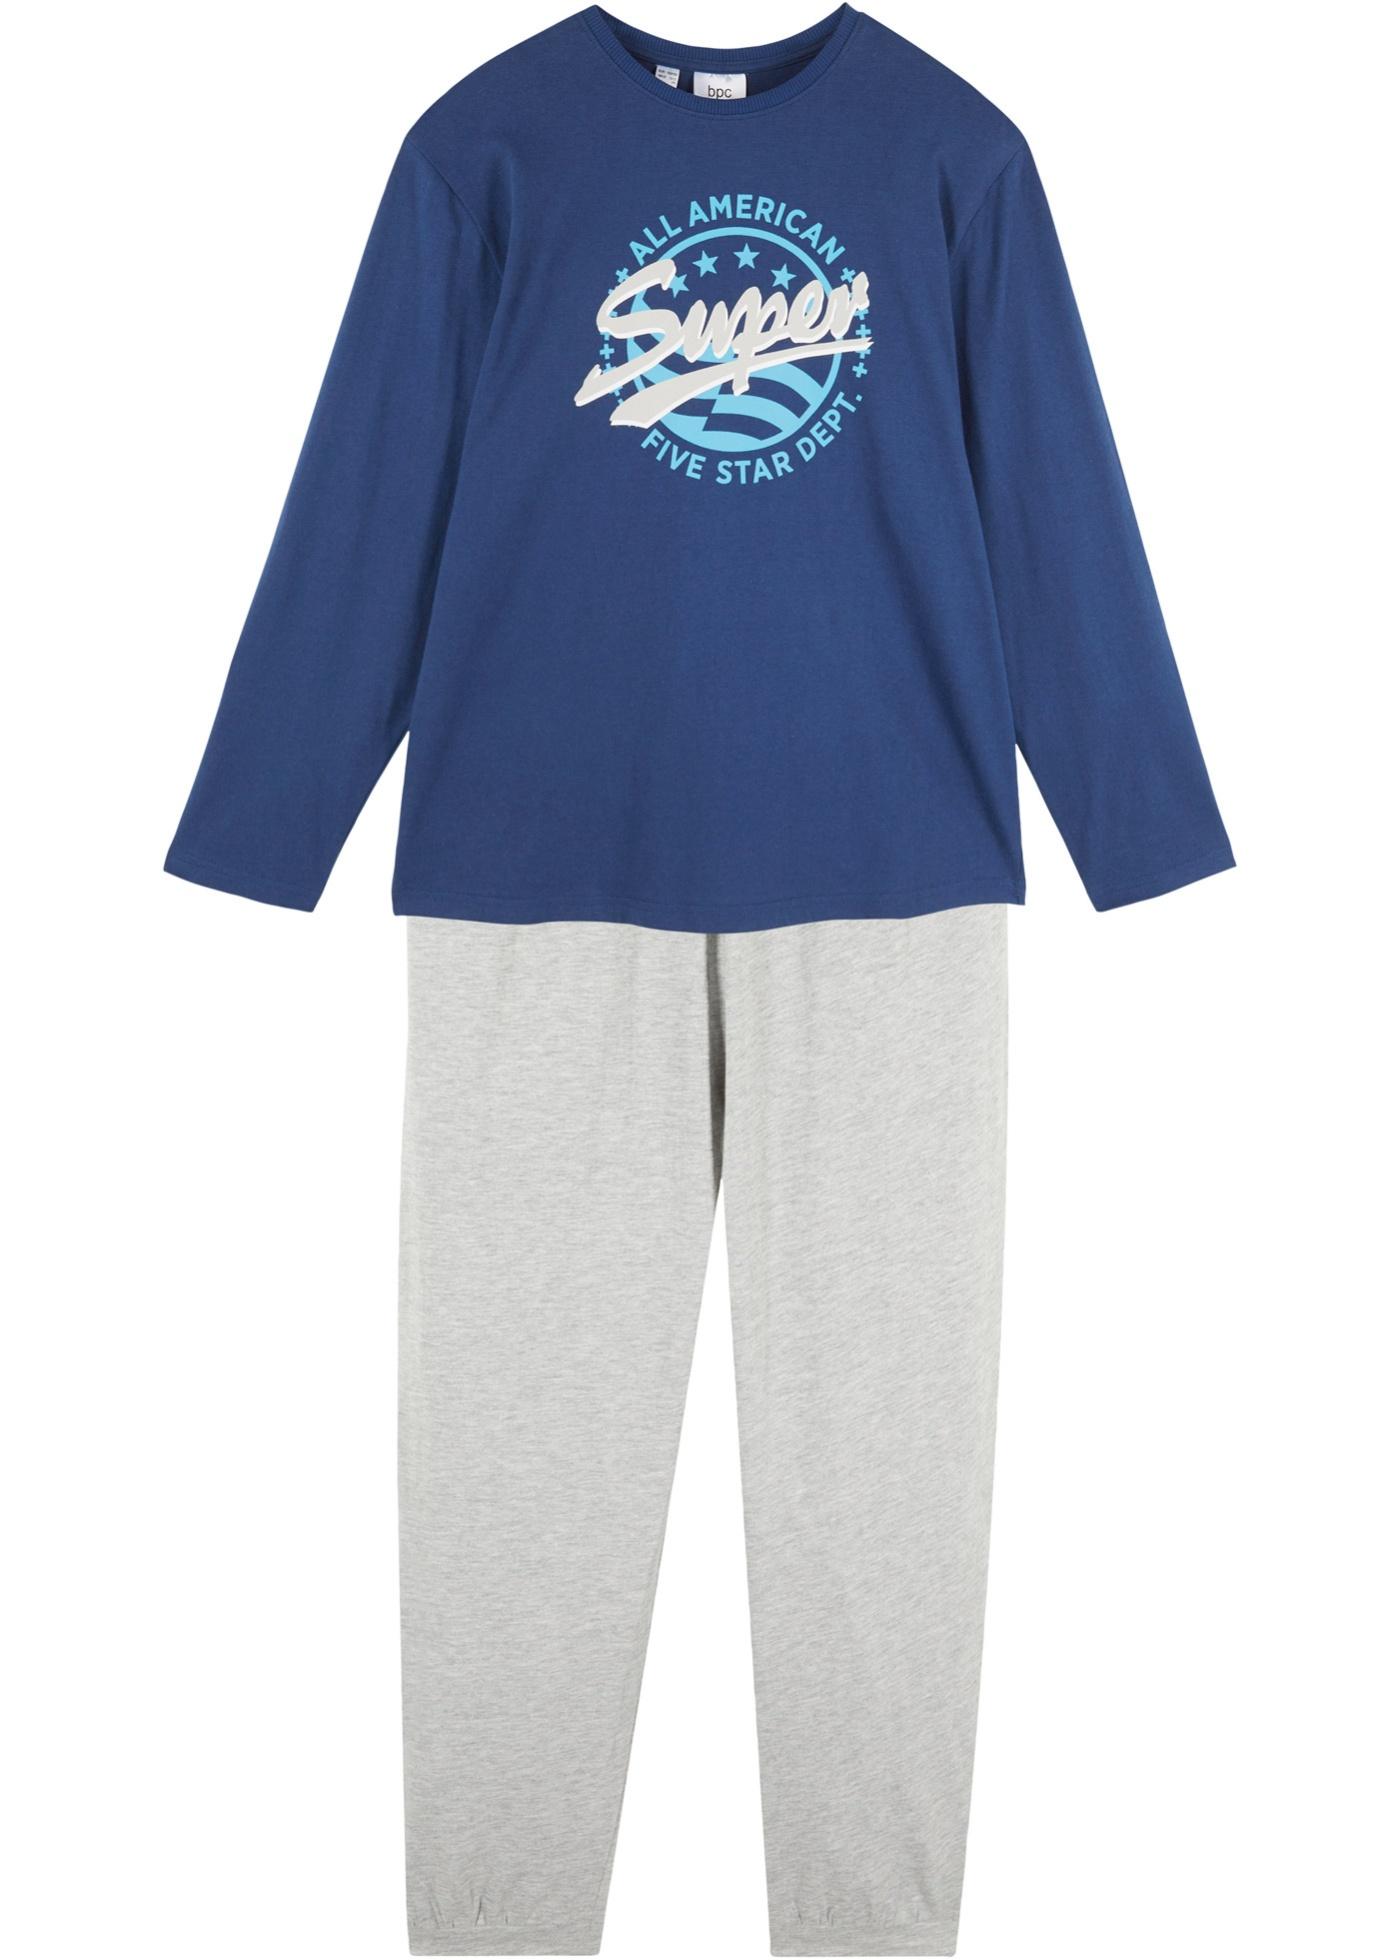 Jungen Pyjama (2tlg. Set) aus Bio-Baumwolle